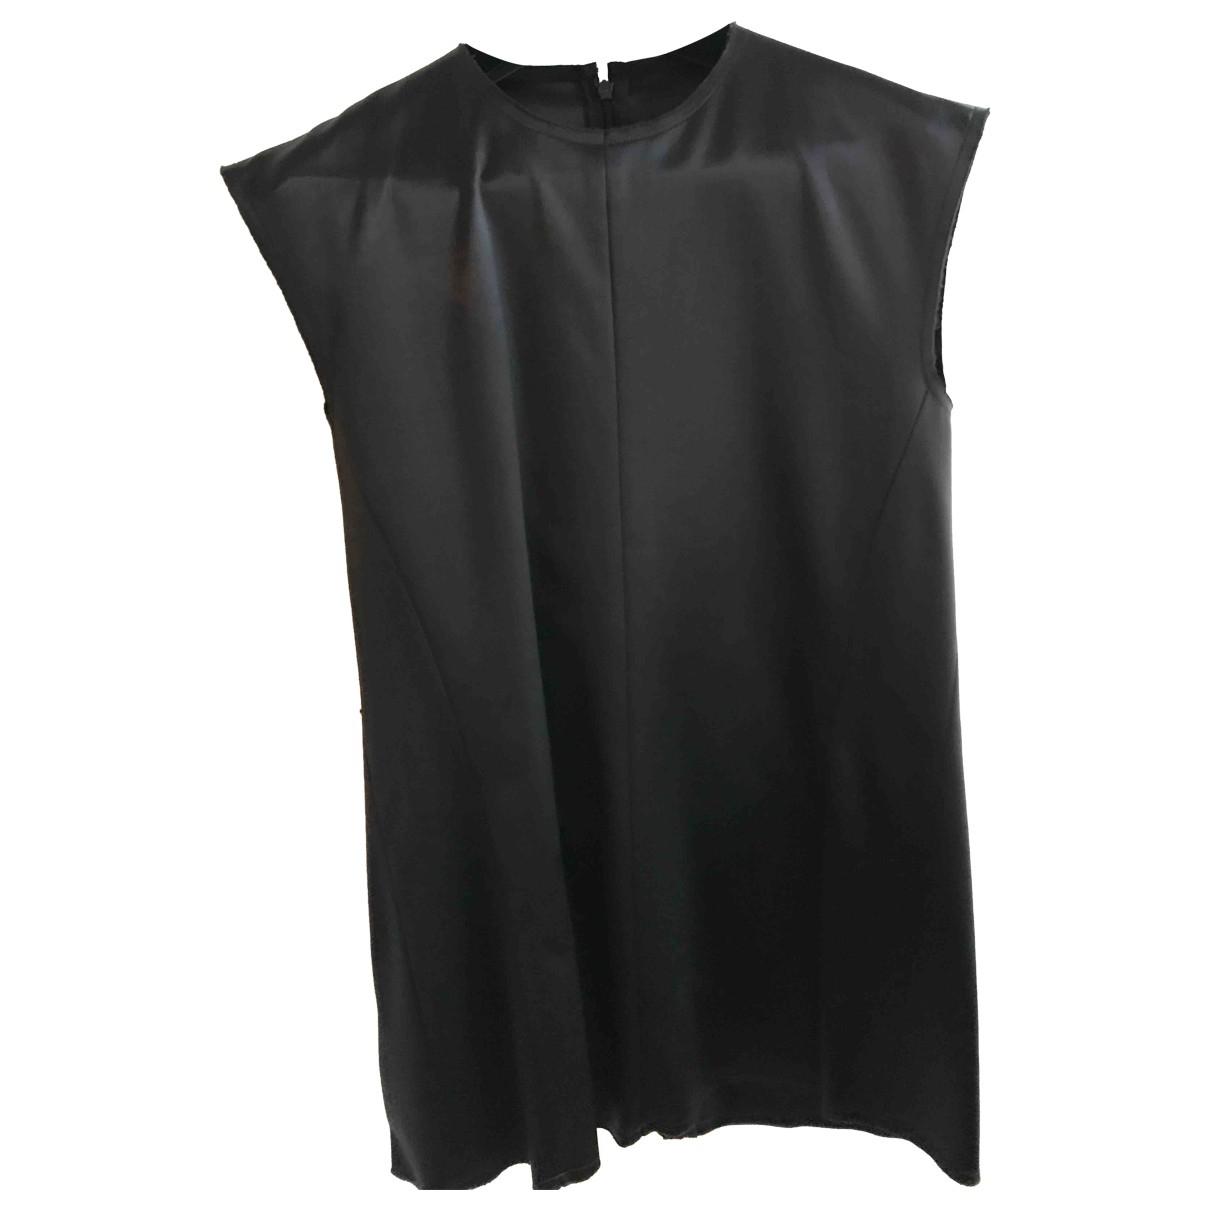 Celine \N Black  top for Women 38 FR